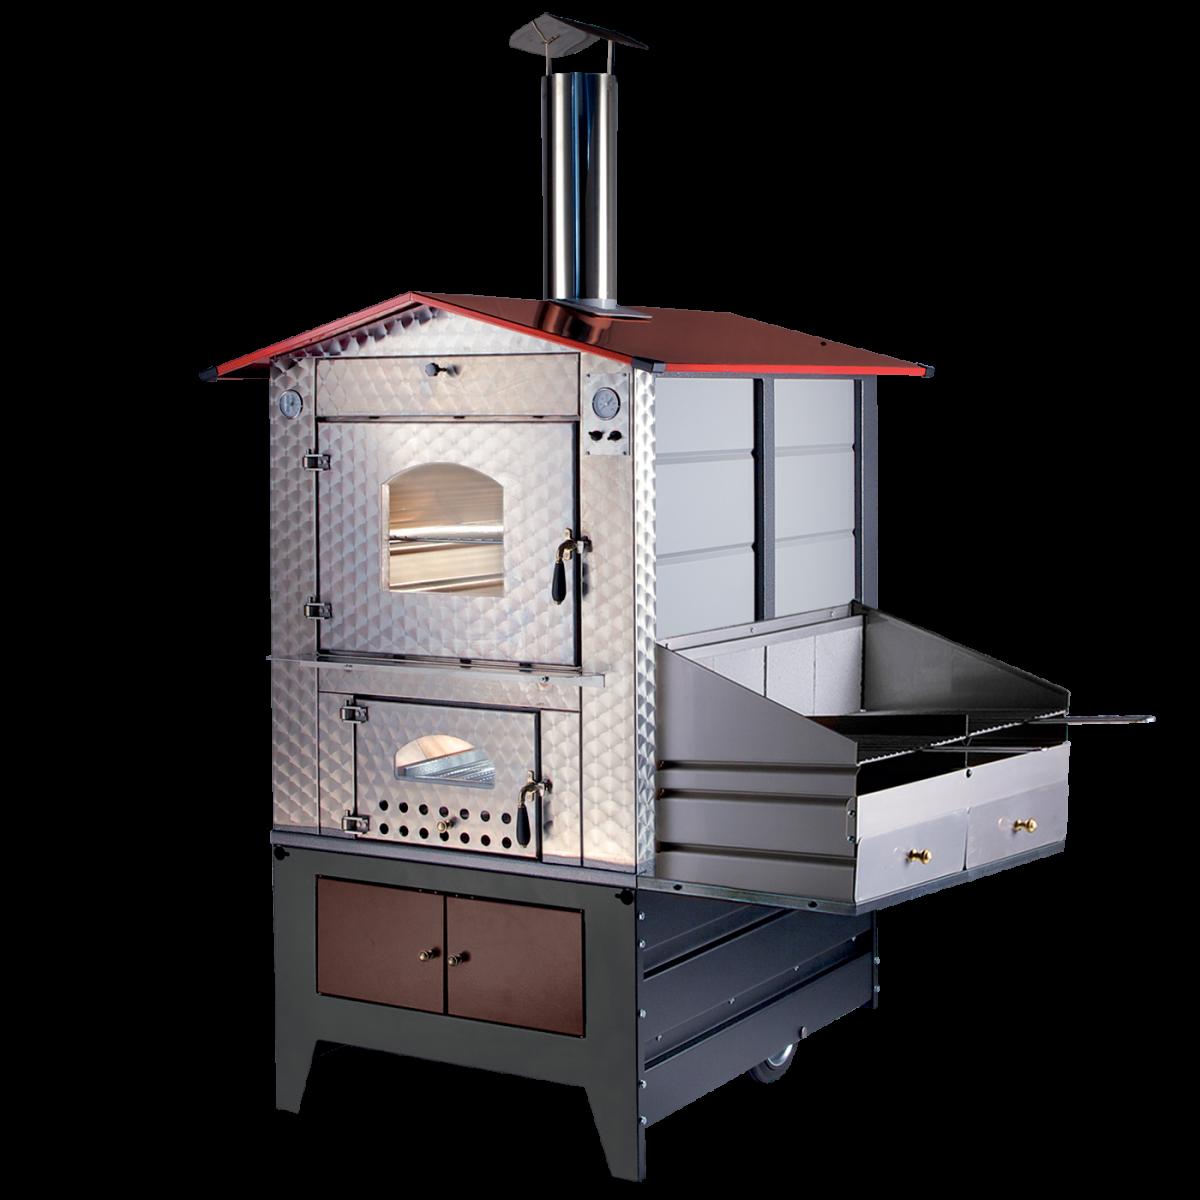 Forno A Legna Acciaio Gemignani G100 Barbecue